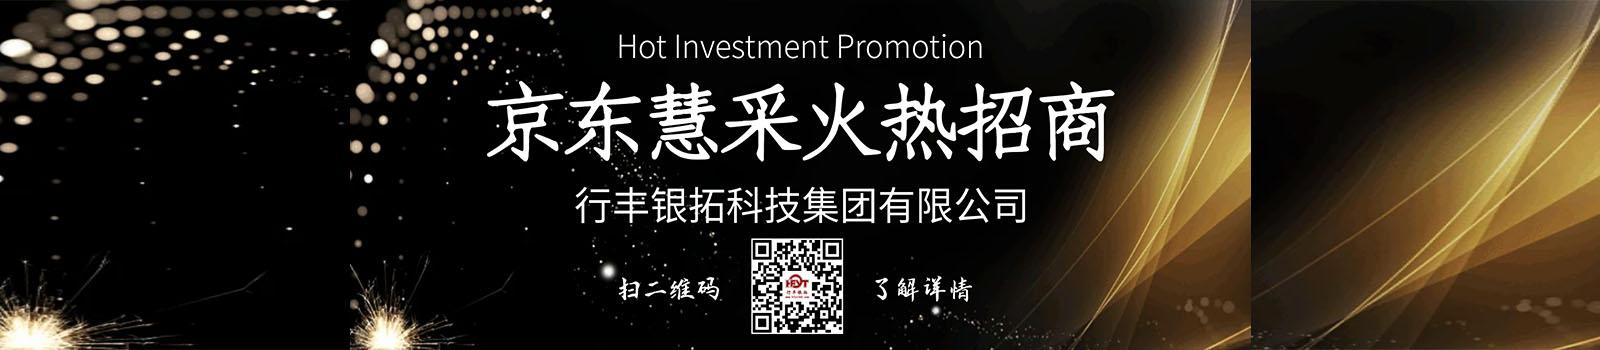 行丰银拓科技集团有限公司京东慧采招募合作伙伴啦!